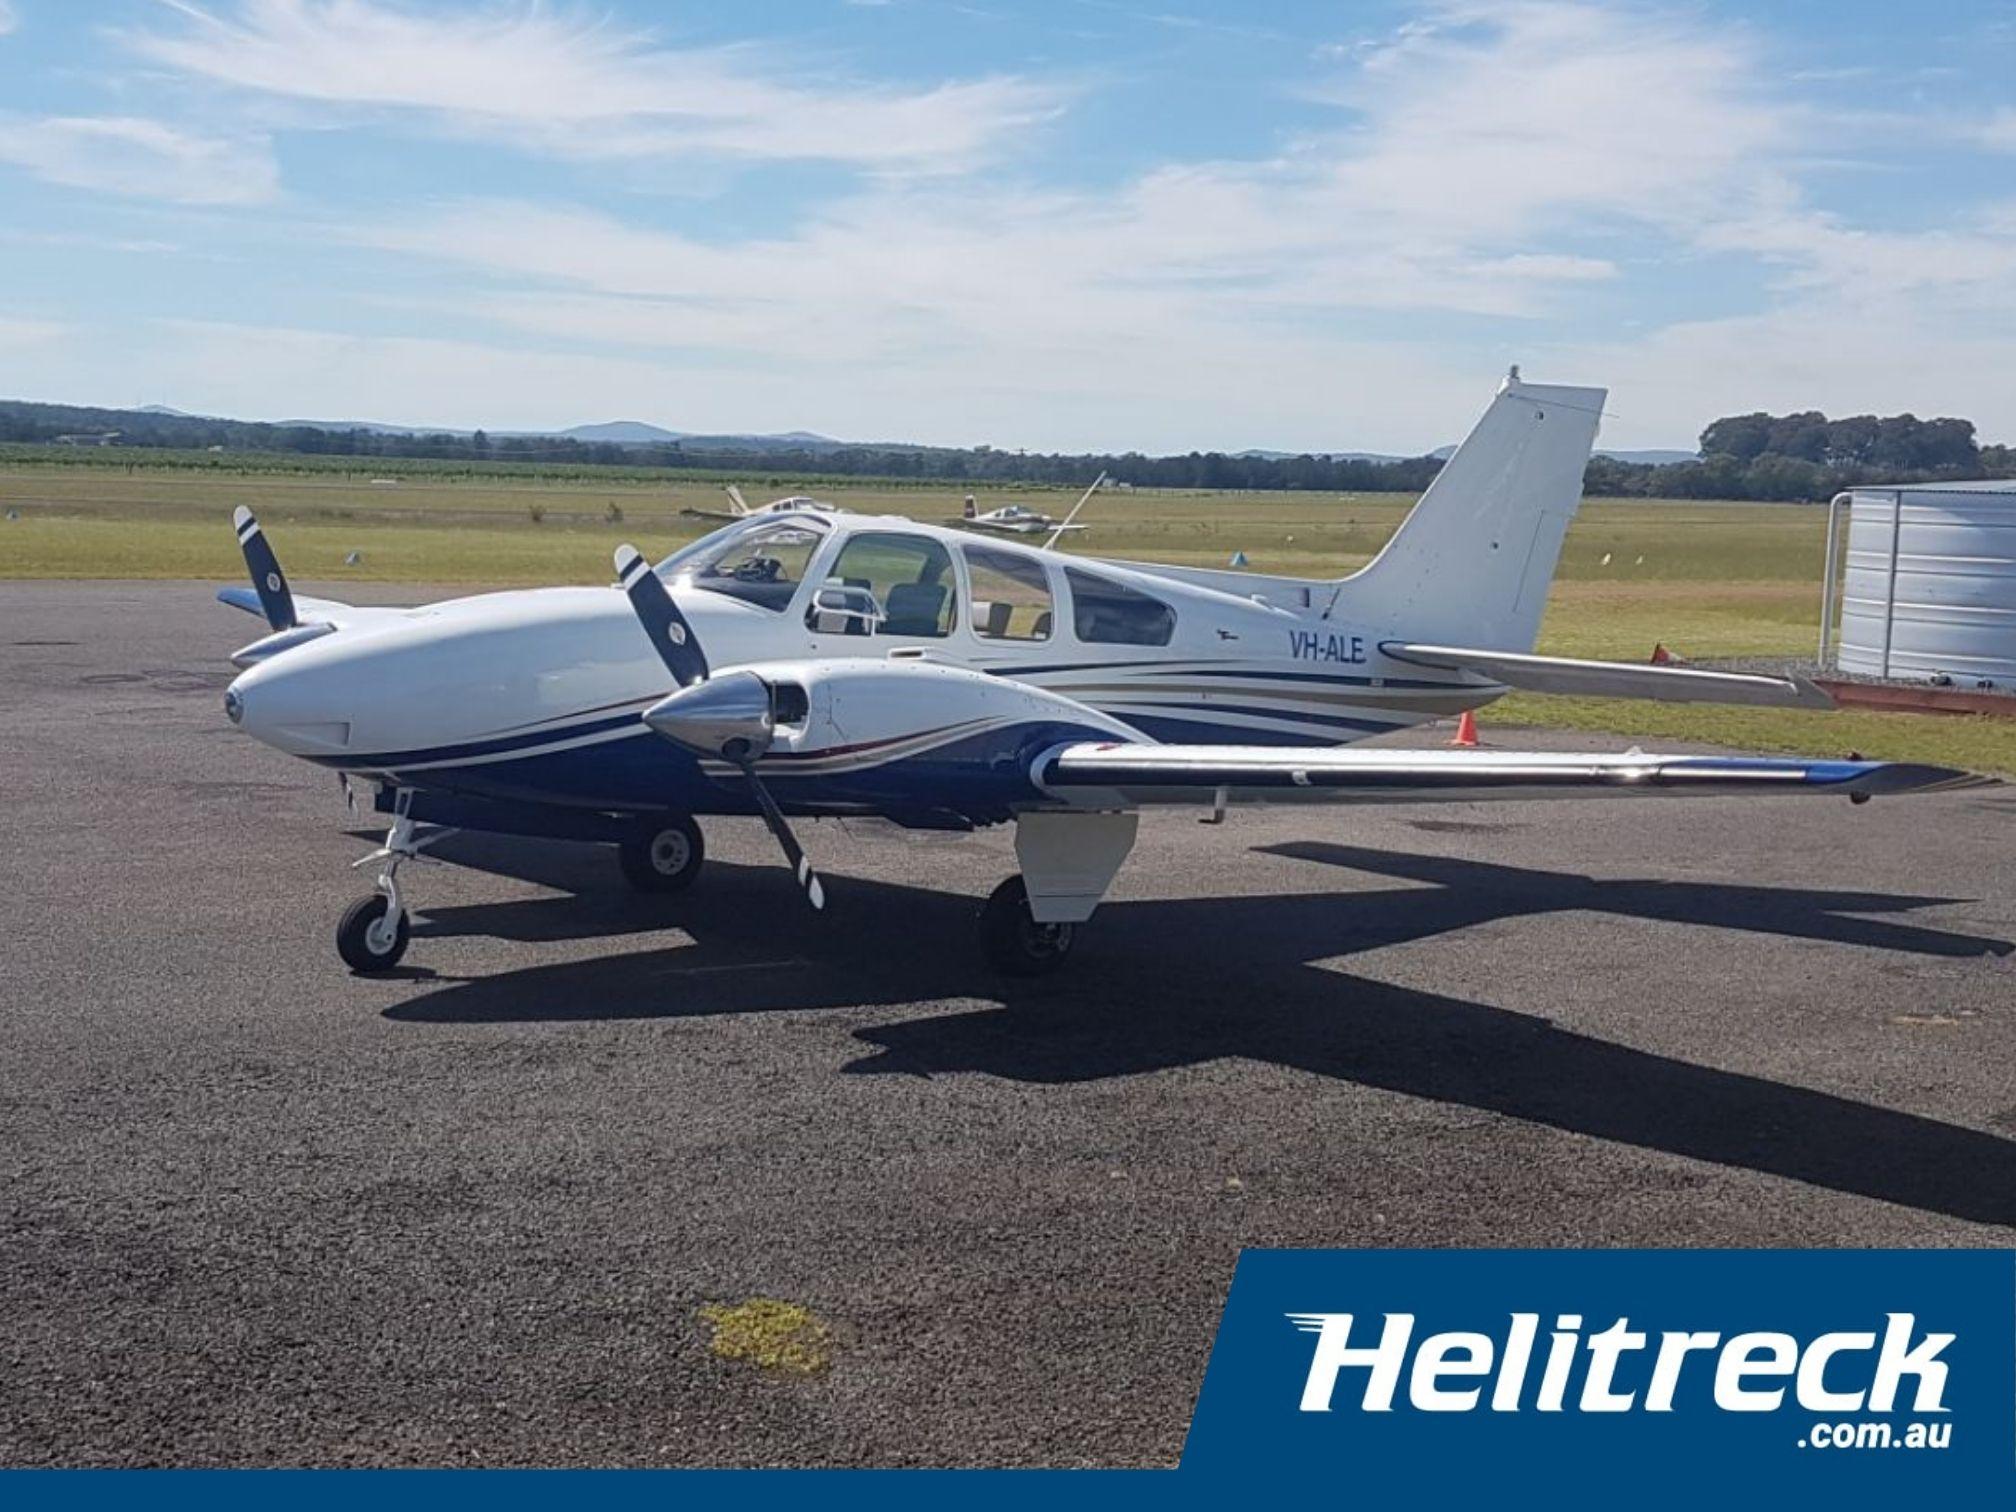 Helitreck-Beechcraft-Baron-D55-VH-ALE